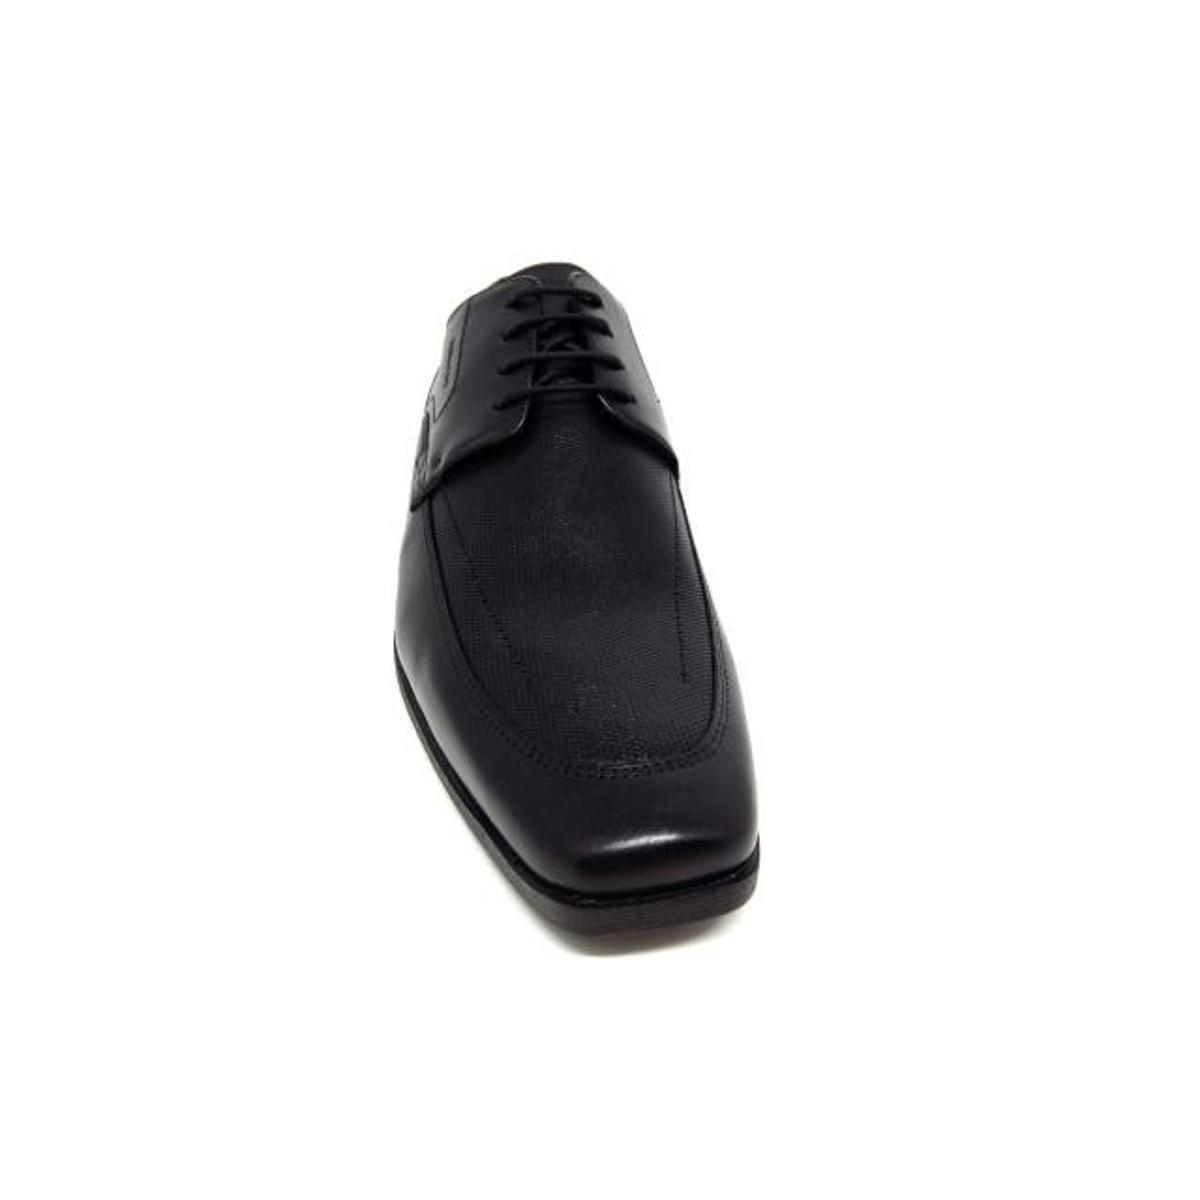 Sapato Social Couro Ferracini Liverpool Masculino - Preto